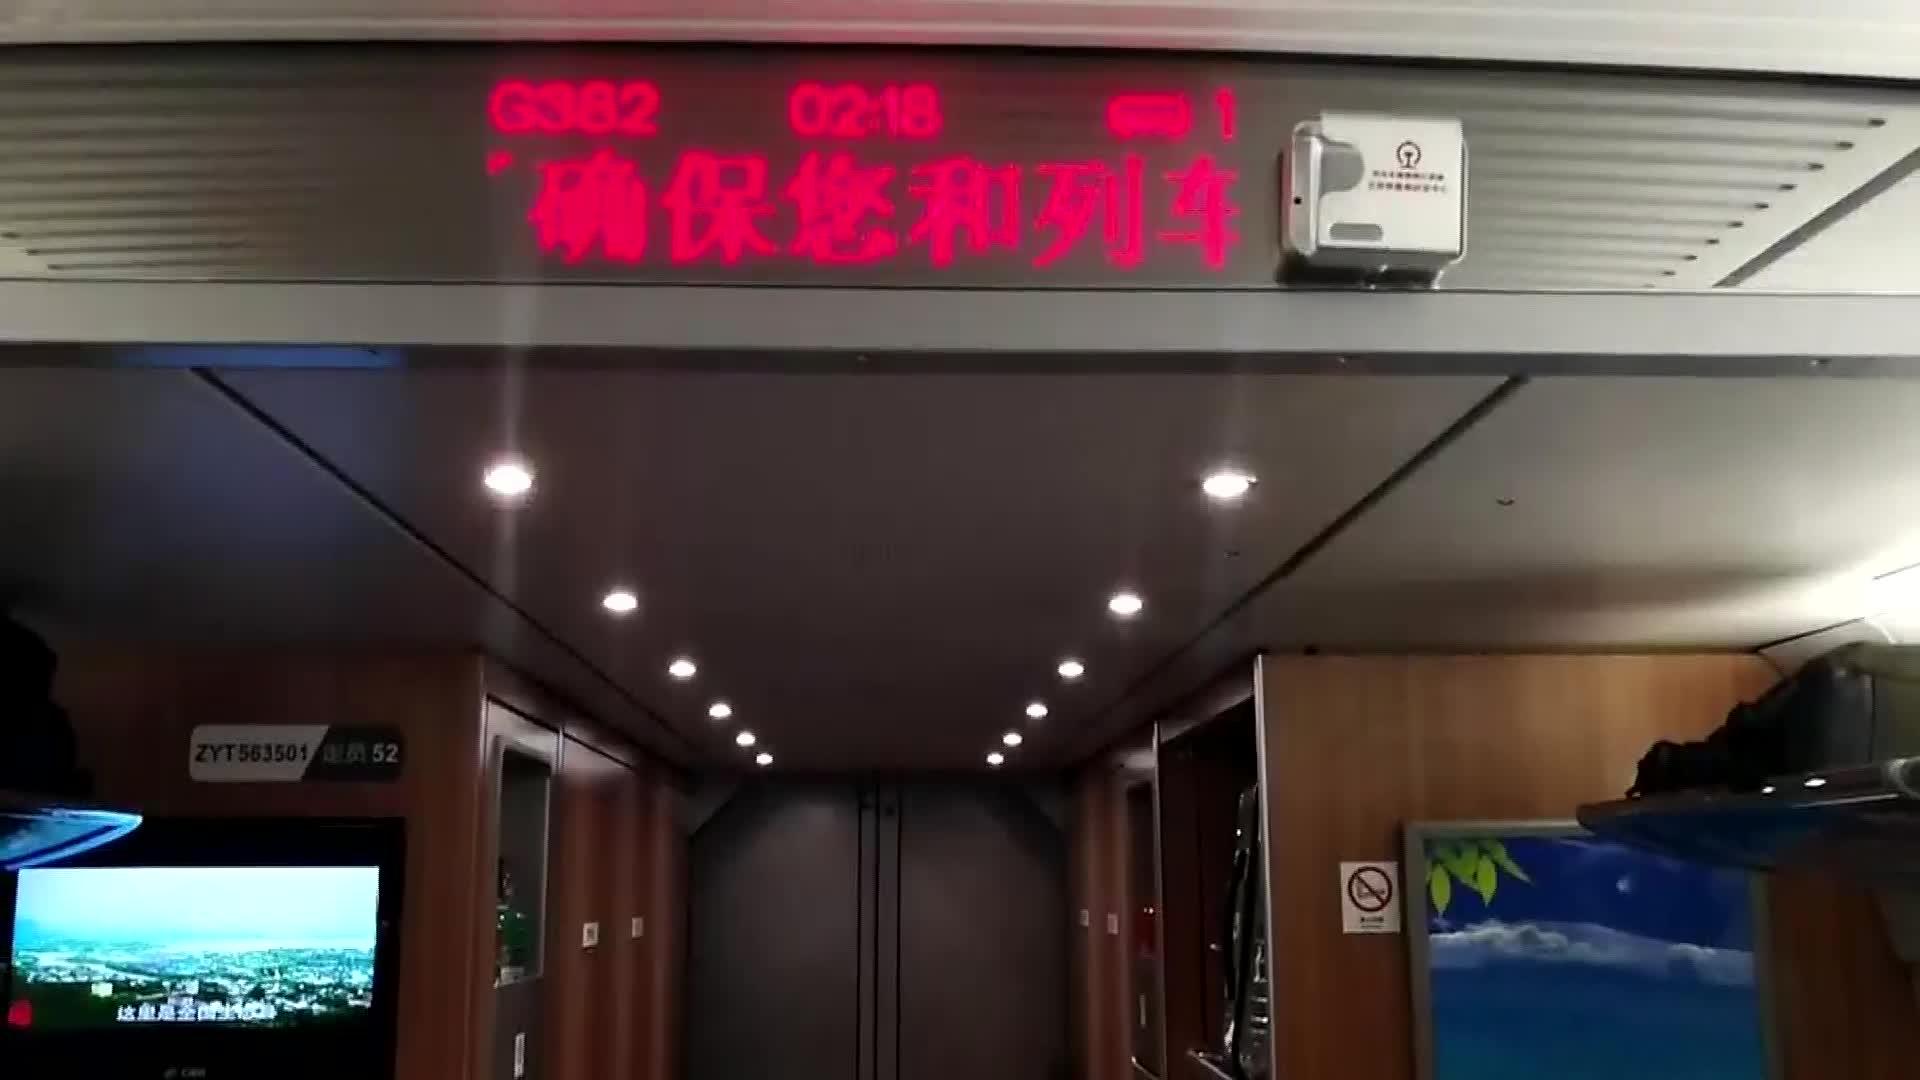 京沪高铁遭彩钢板撞击发生故障 导致部分列车晚点